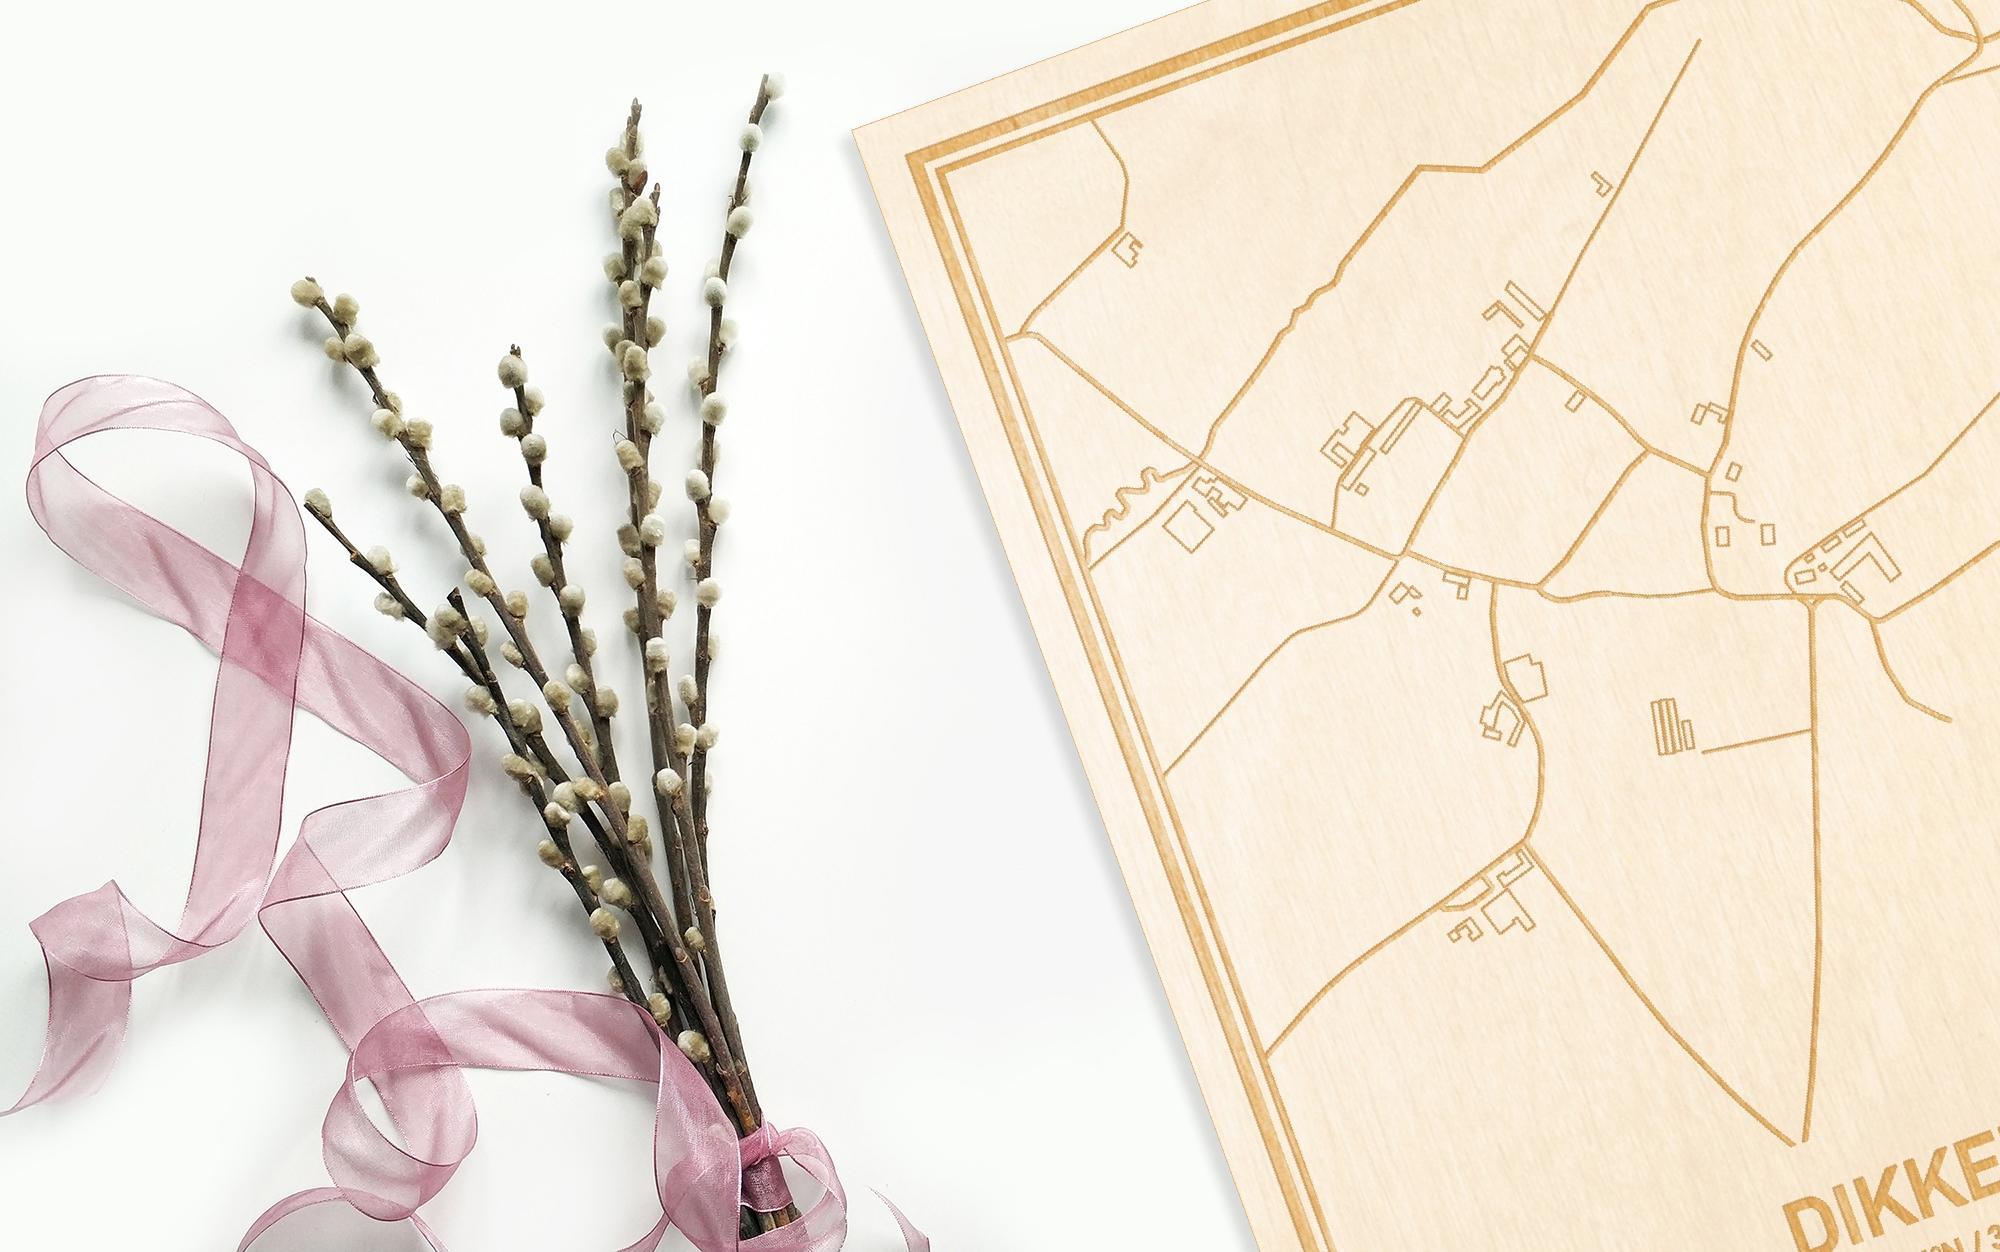 Hier ligt de houten plattegrond Dikkele naast een bloemetje als gepersonaliseerd cadeau voor haar.